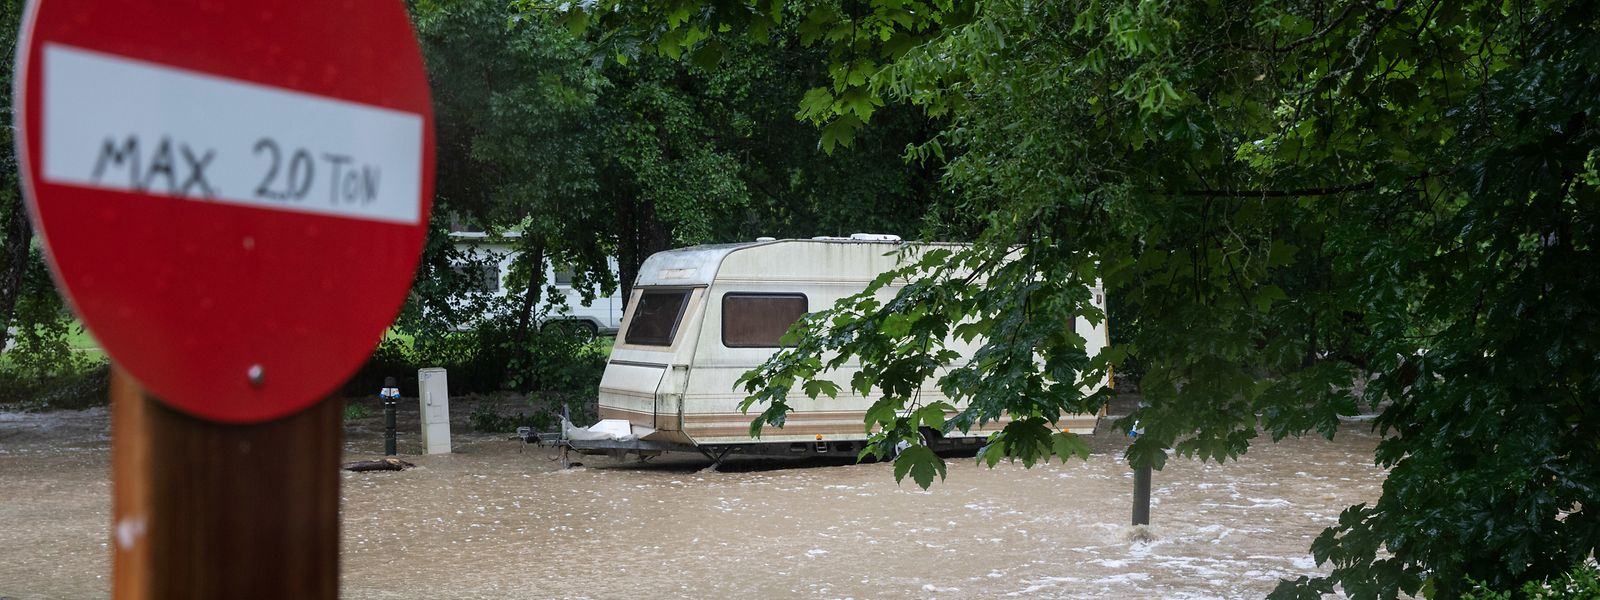 Comme ici, le camping des Moulins dans le Mullerthal, plusieurs infrastructures de tourisme ne pourront pas reprendre une activité de sitôt.